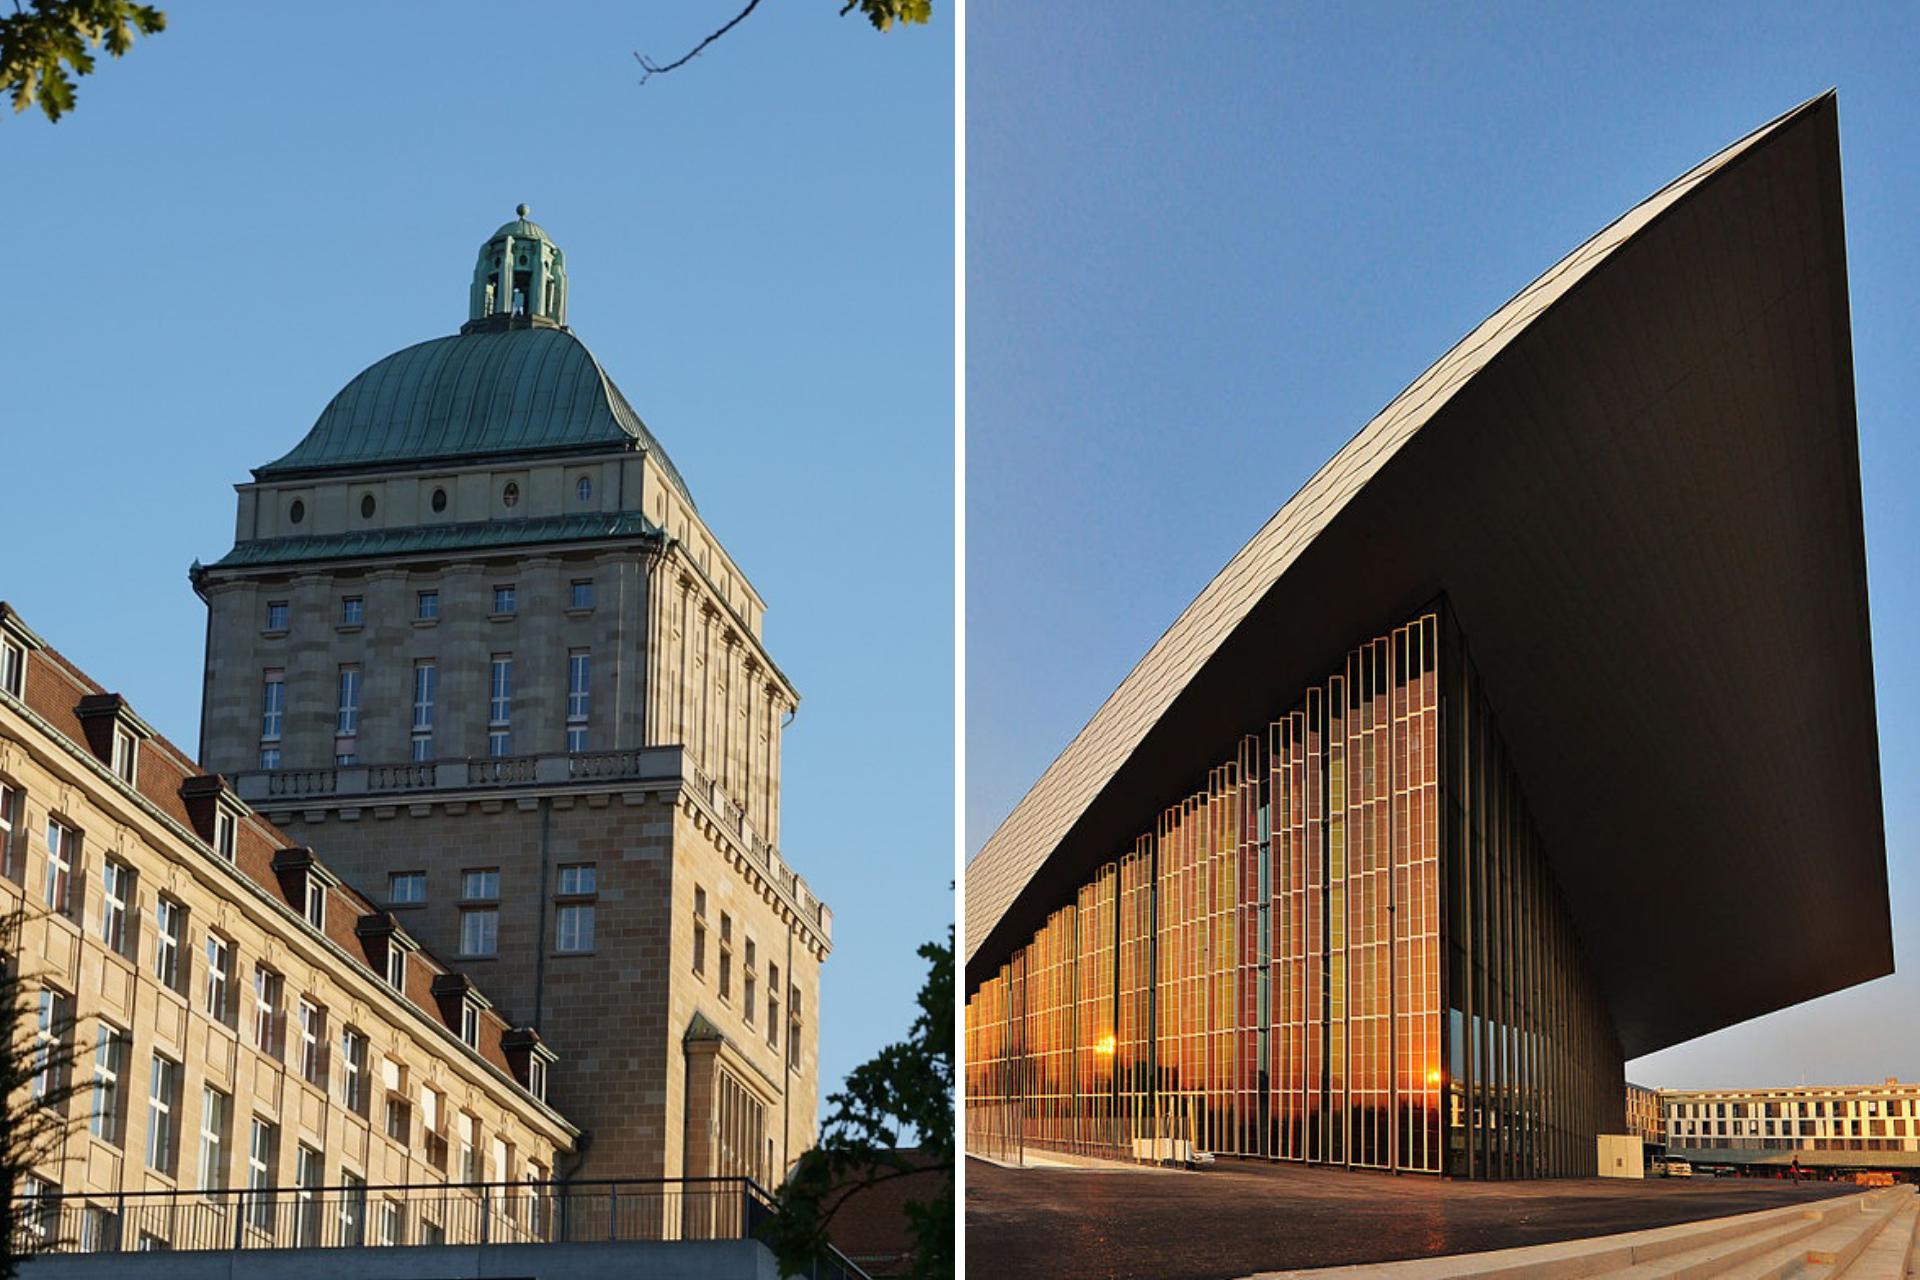 ETH Zurich e EPFL: qual é a melhor universidade da Suíça?